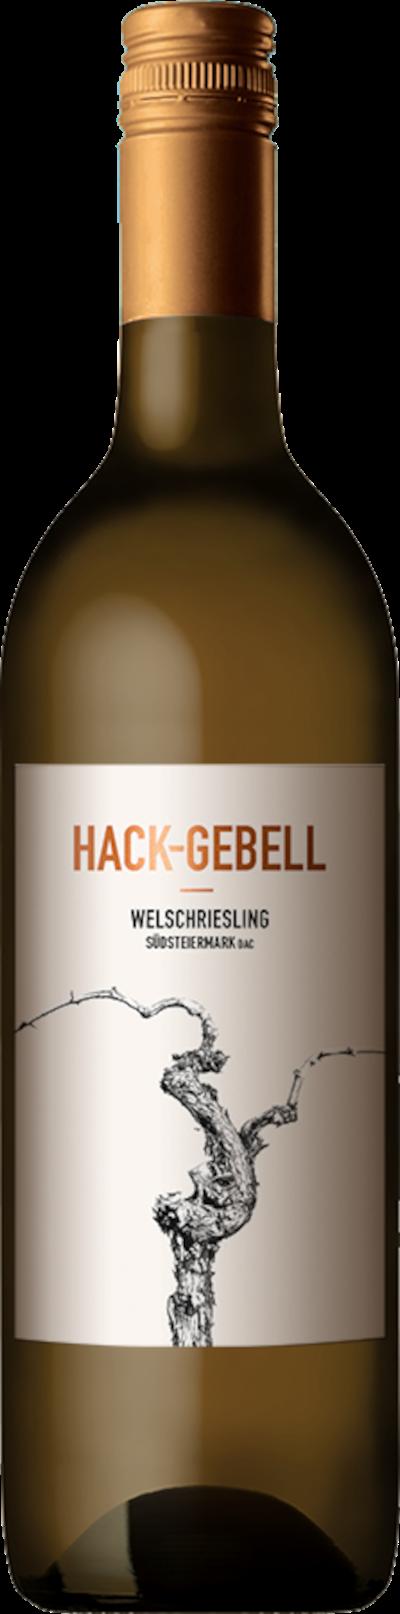 Hack-Gebell - Welschriesling Südsteiermark DAC